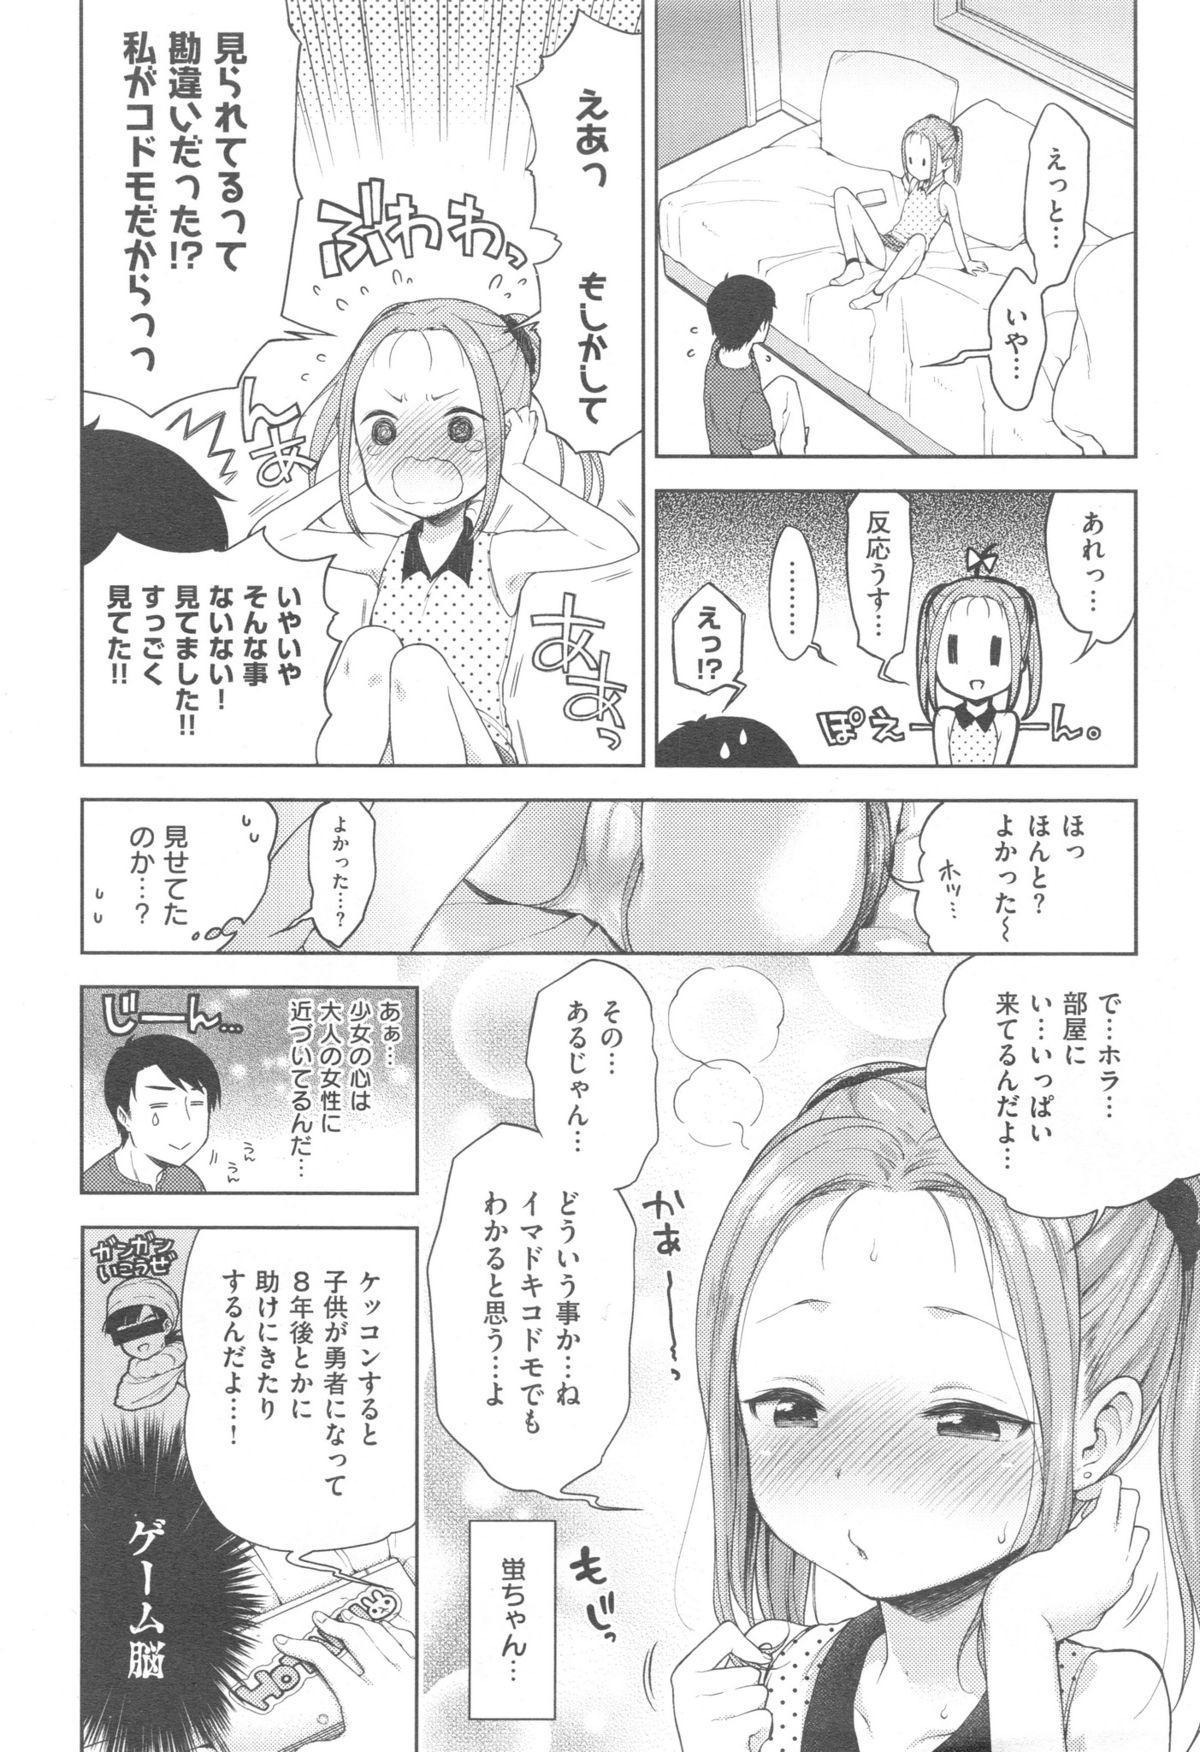 COMIC Kairakuten XTC Vol. 5 131